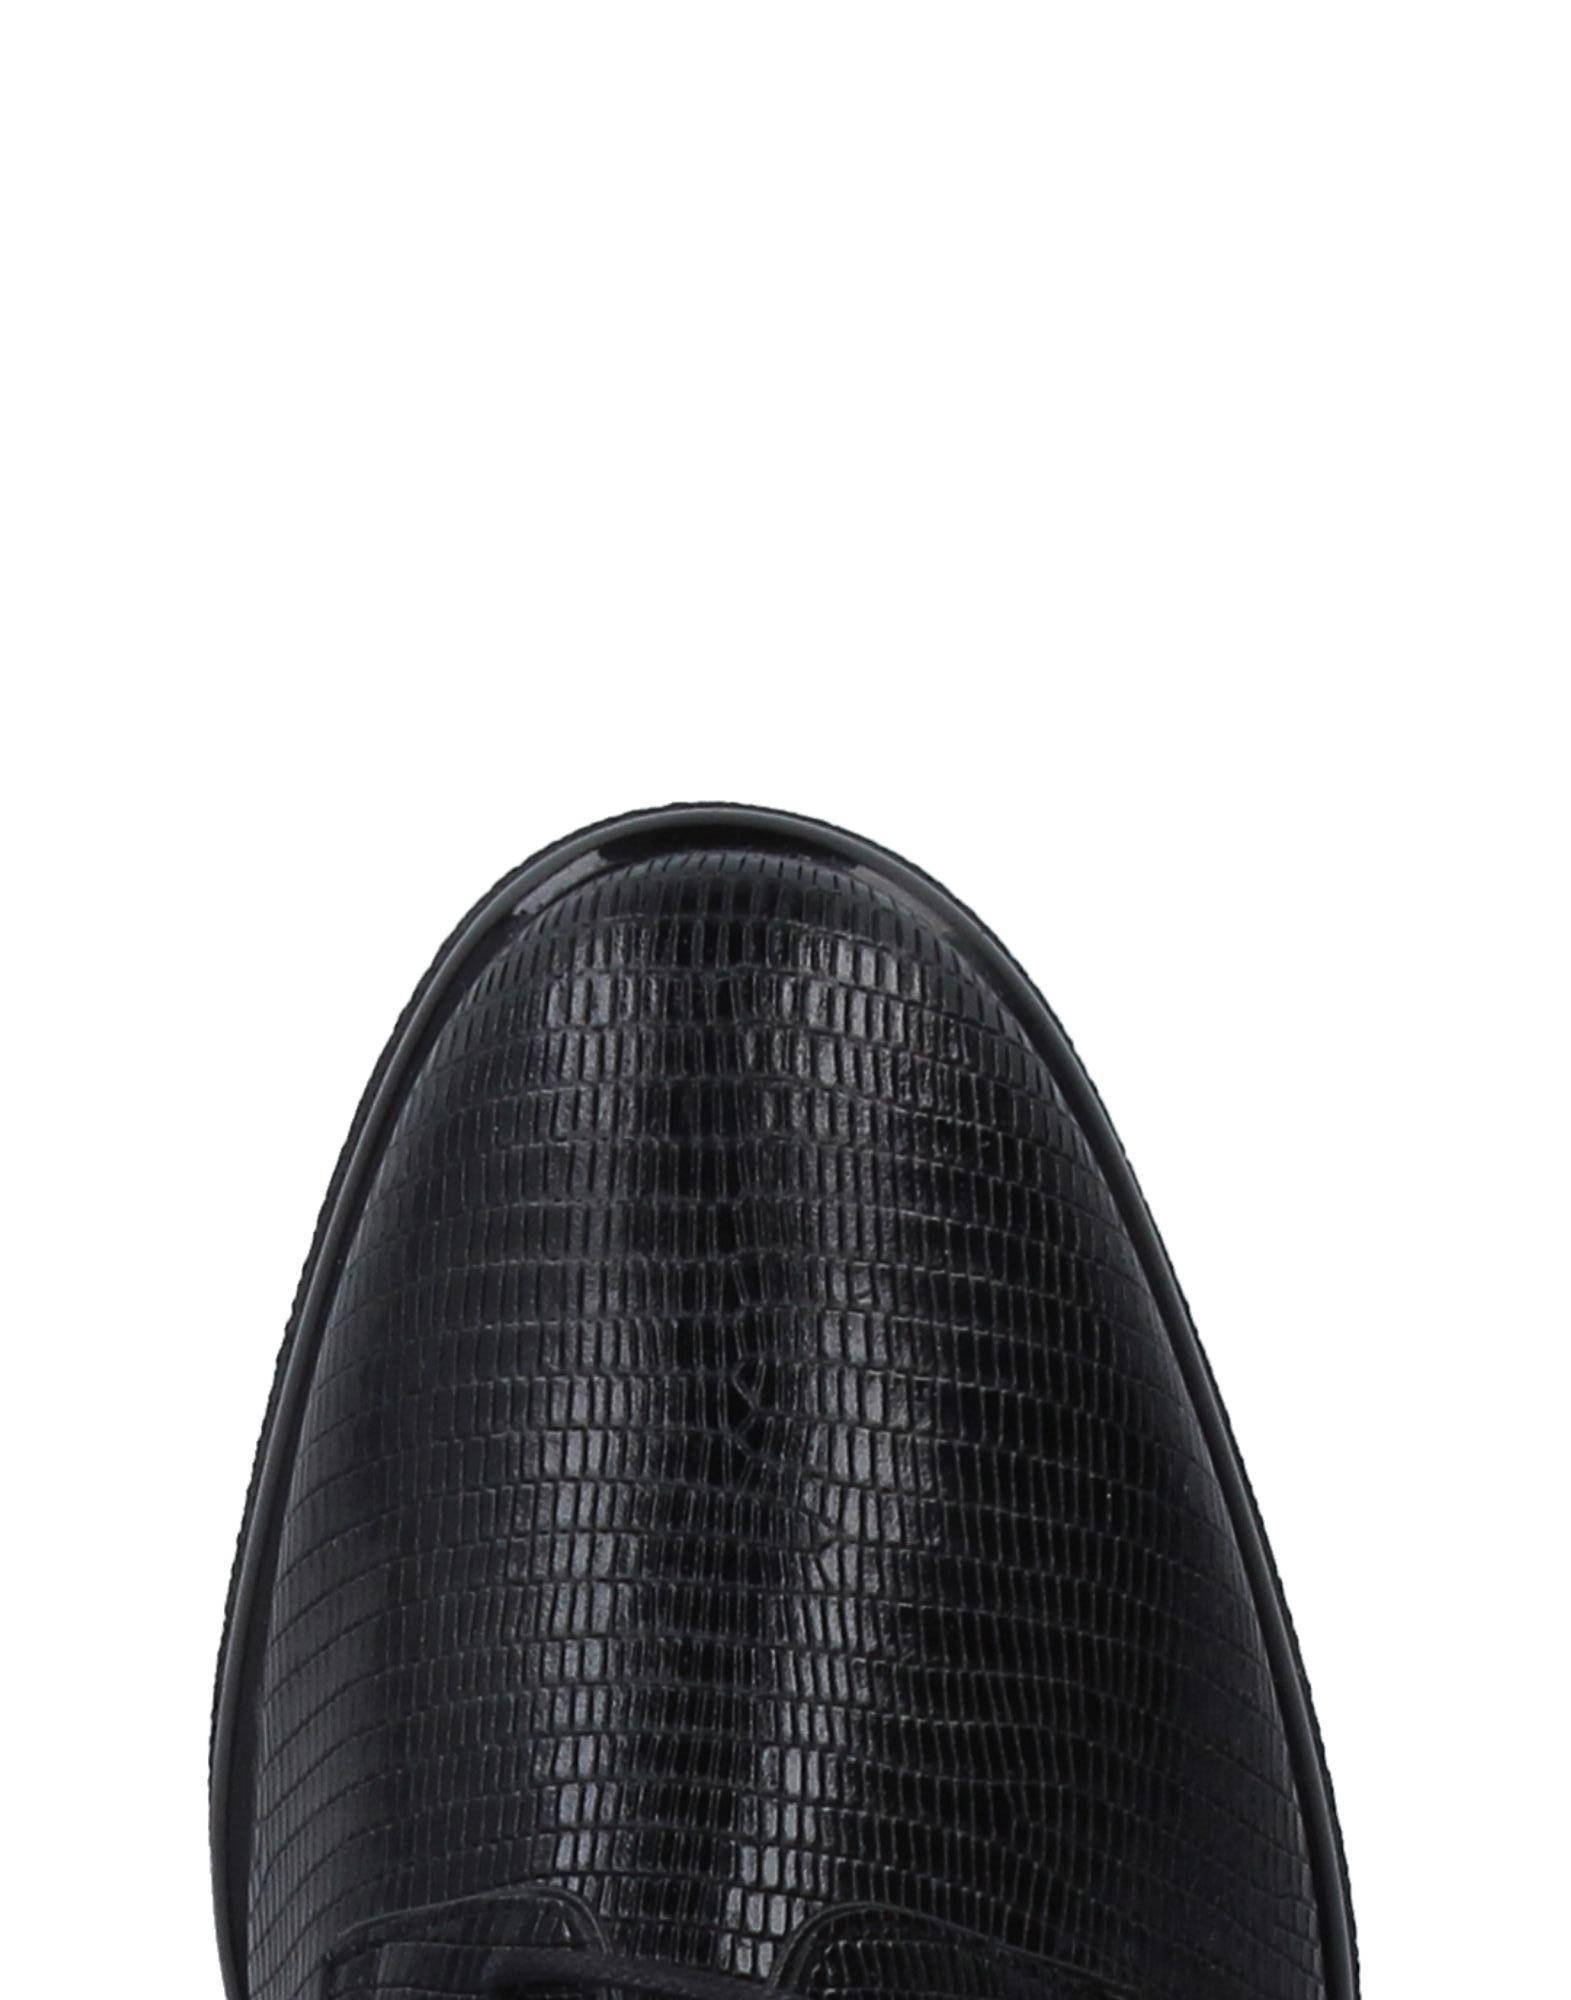 Stilvolle billige Schuhe Robert Clergerie 11256595KW Schnürschuhe Damen  11256595KW Clergerie 8b5fd9